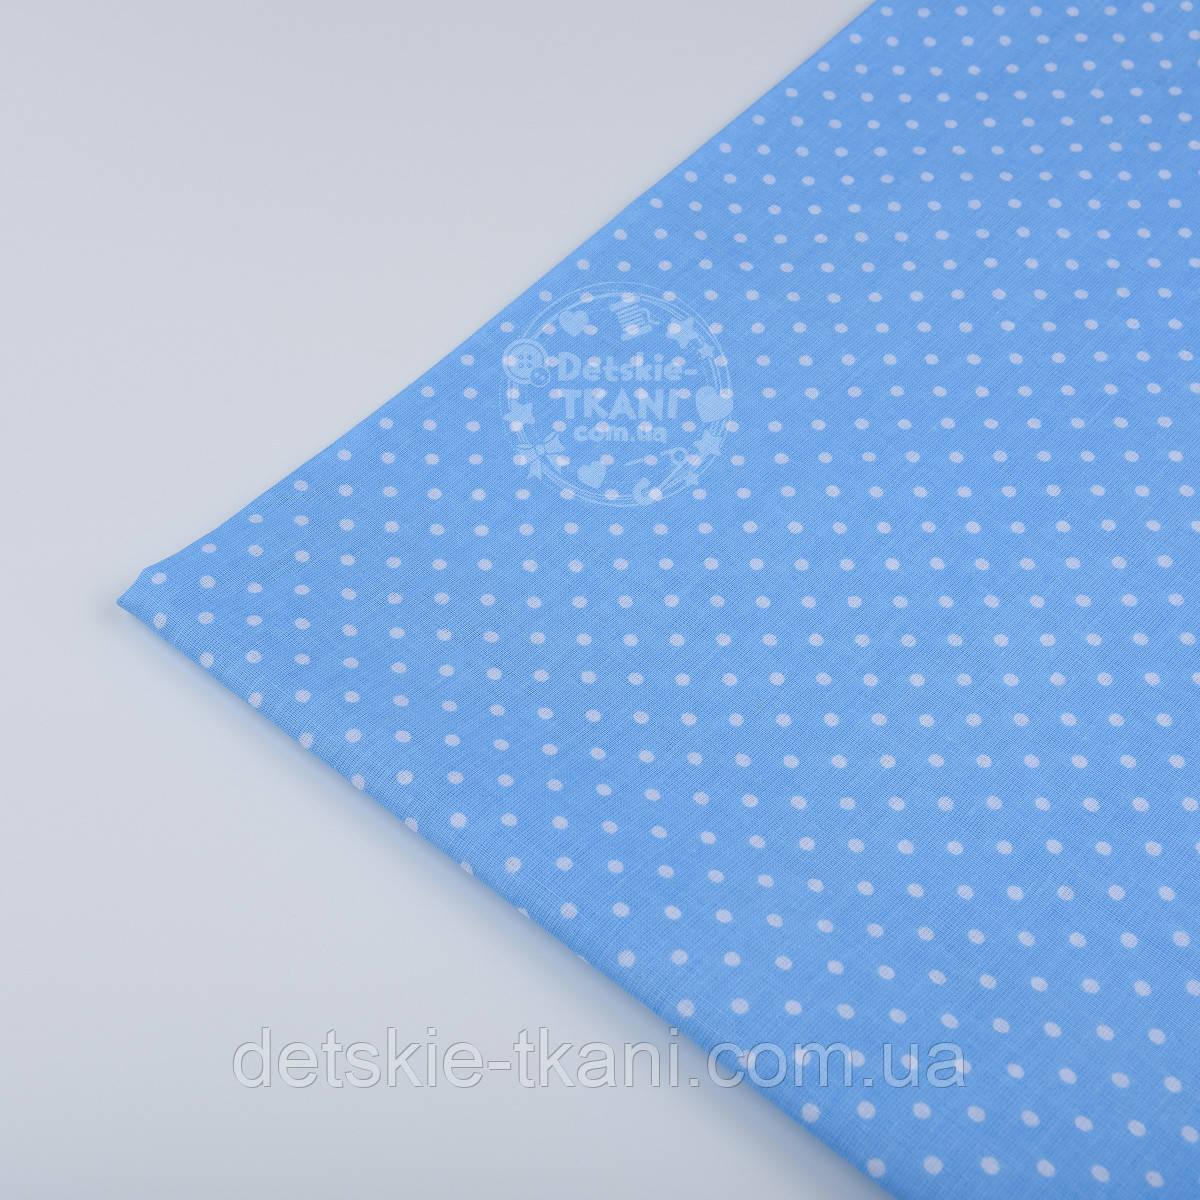 Лоскут ткани №164  с белым горошком 4 мм на голубом фоне